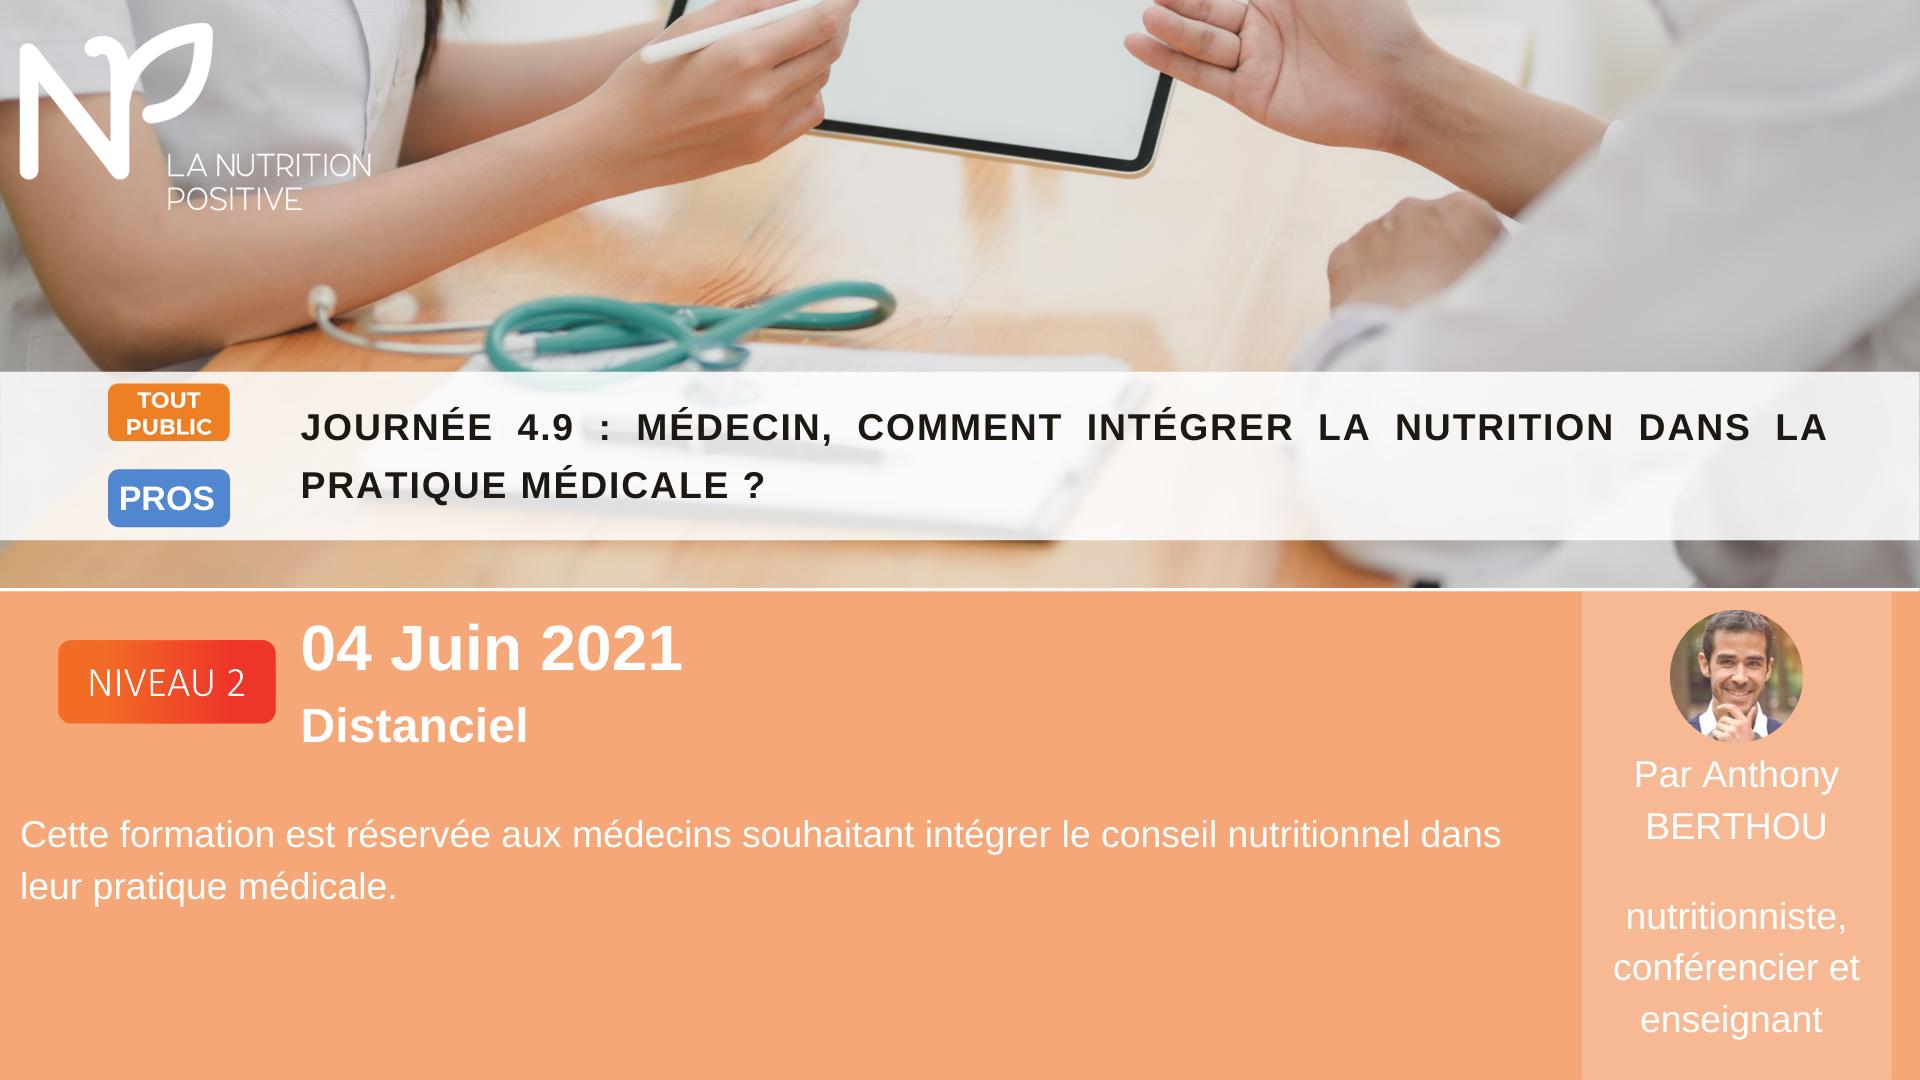 Intégrer la nutrition dans la pratique médicale